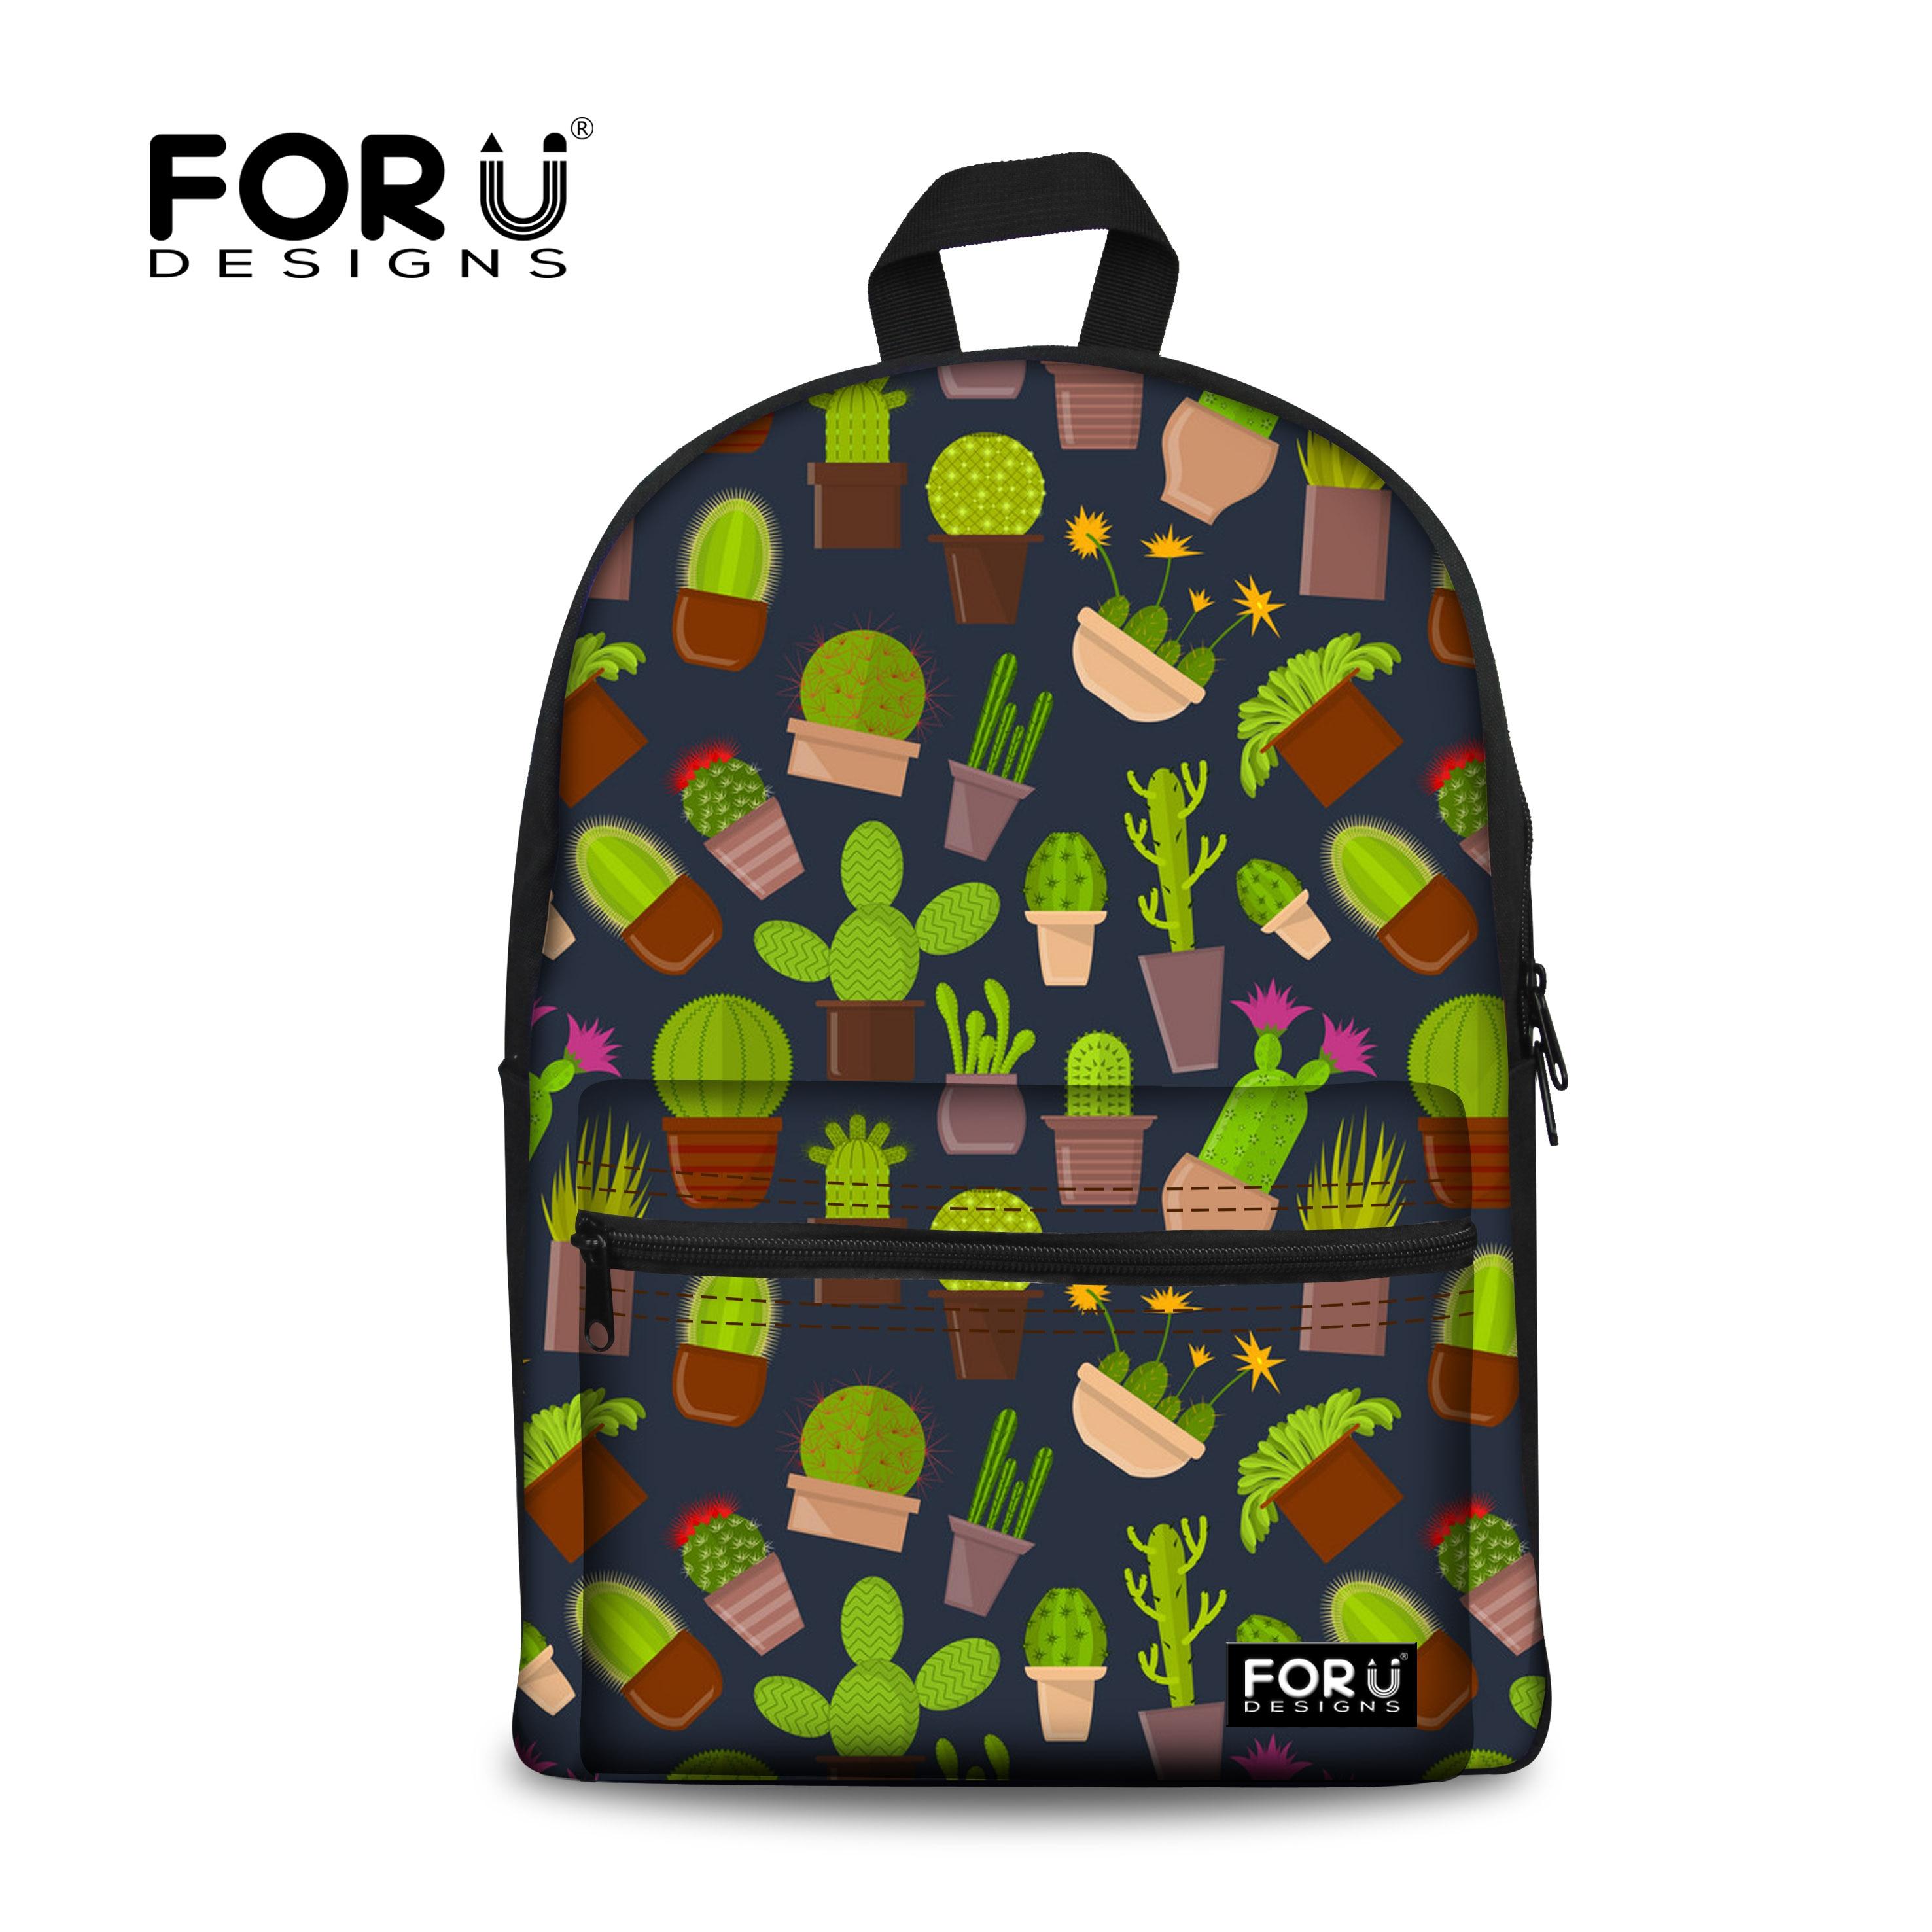 FORUDESIGNS/милый кактус печати школьные сумки для подростков модная одежда для девочек детские книги рюкзаки Для женщин женский путешествия рю...